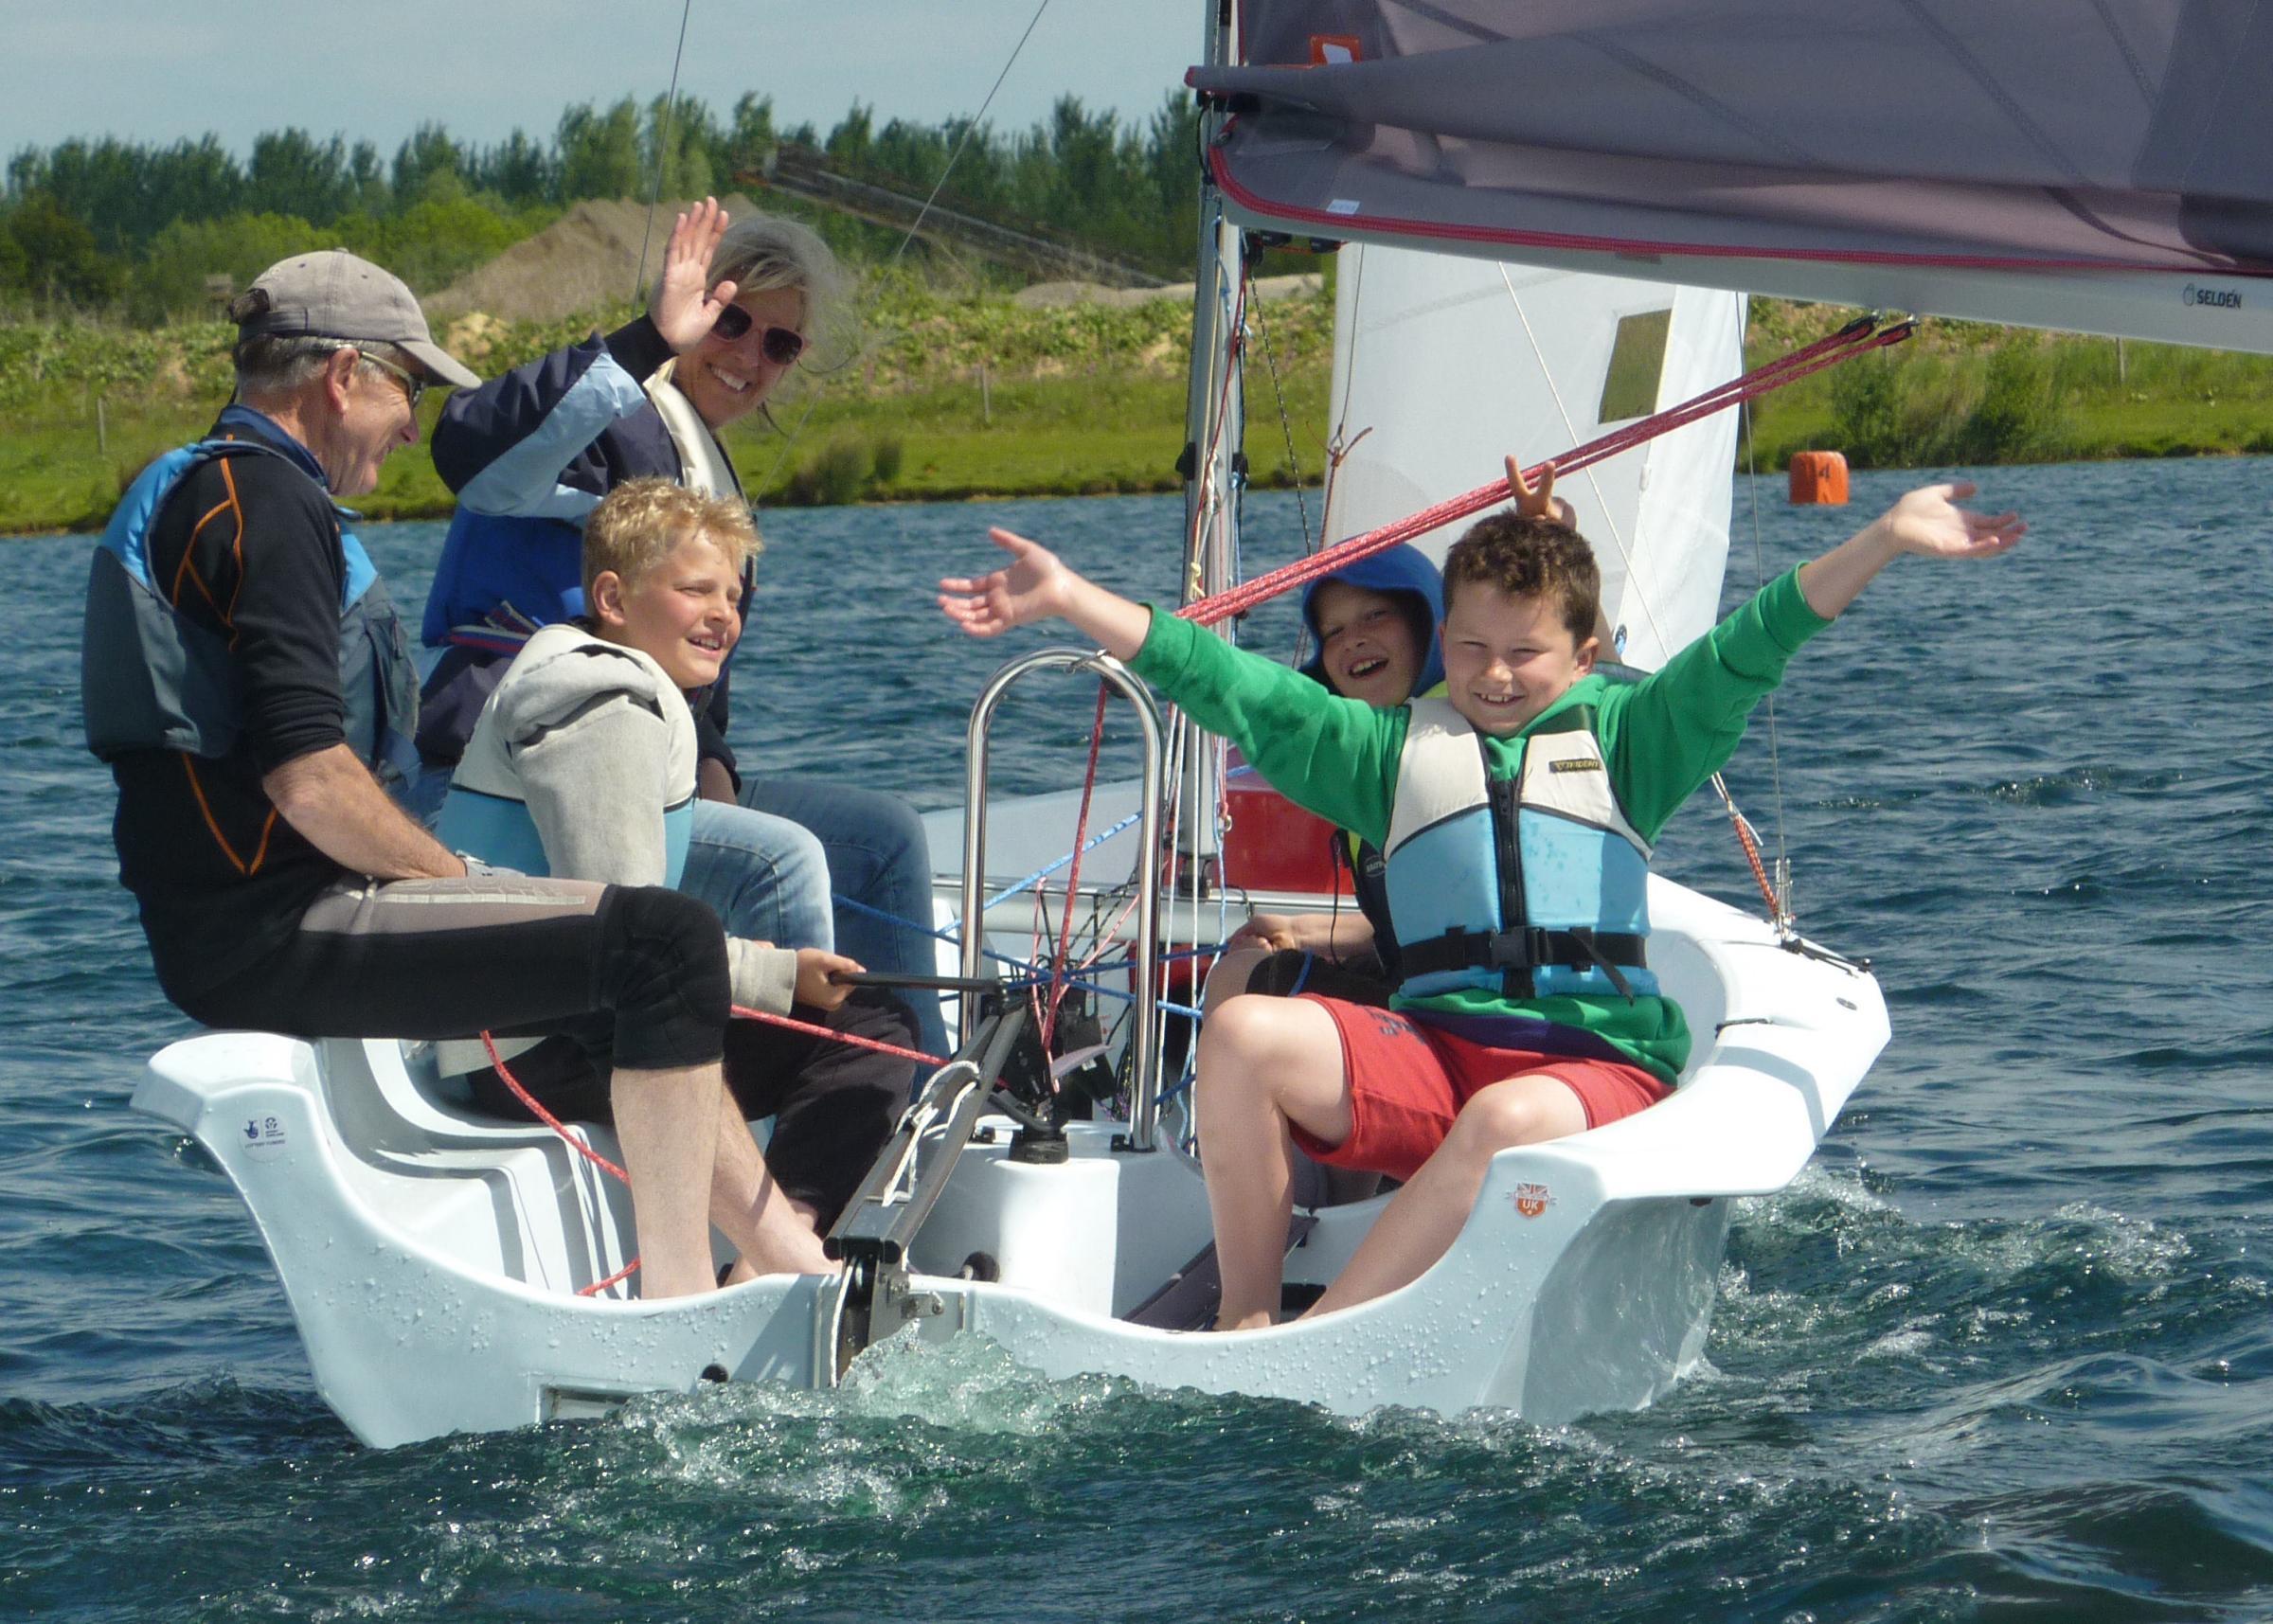 Dinghy Sailing at Bowmoor Sailing Club